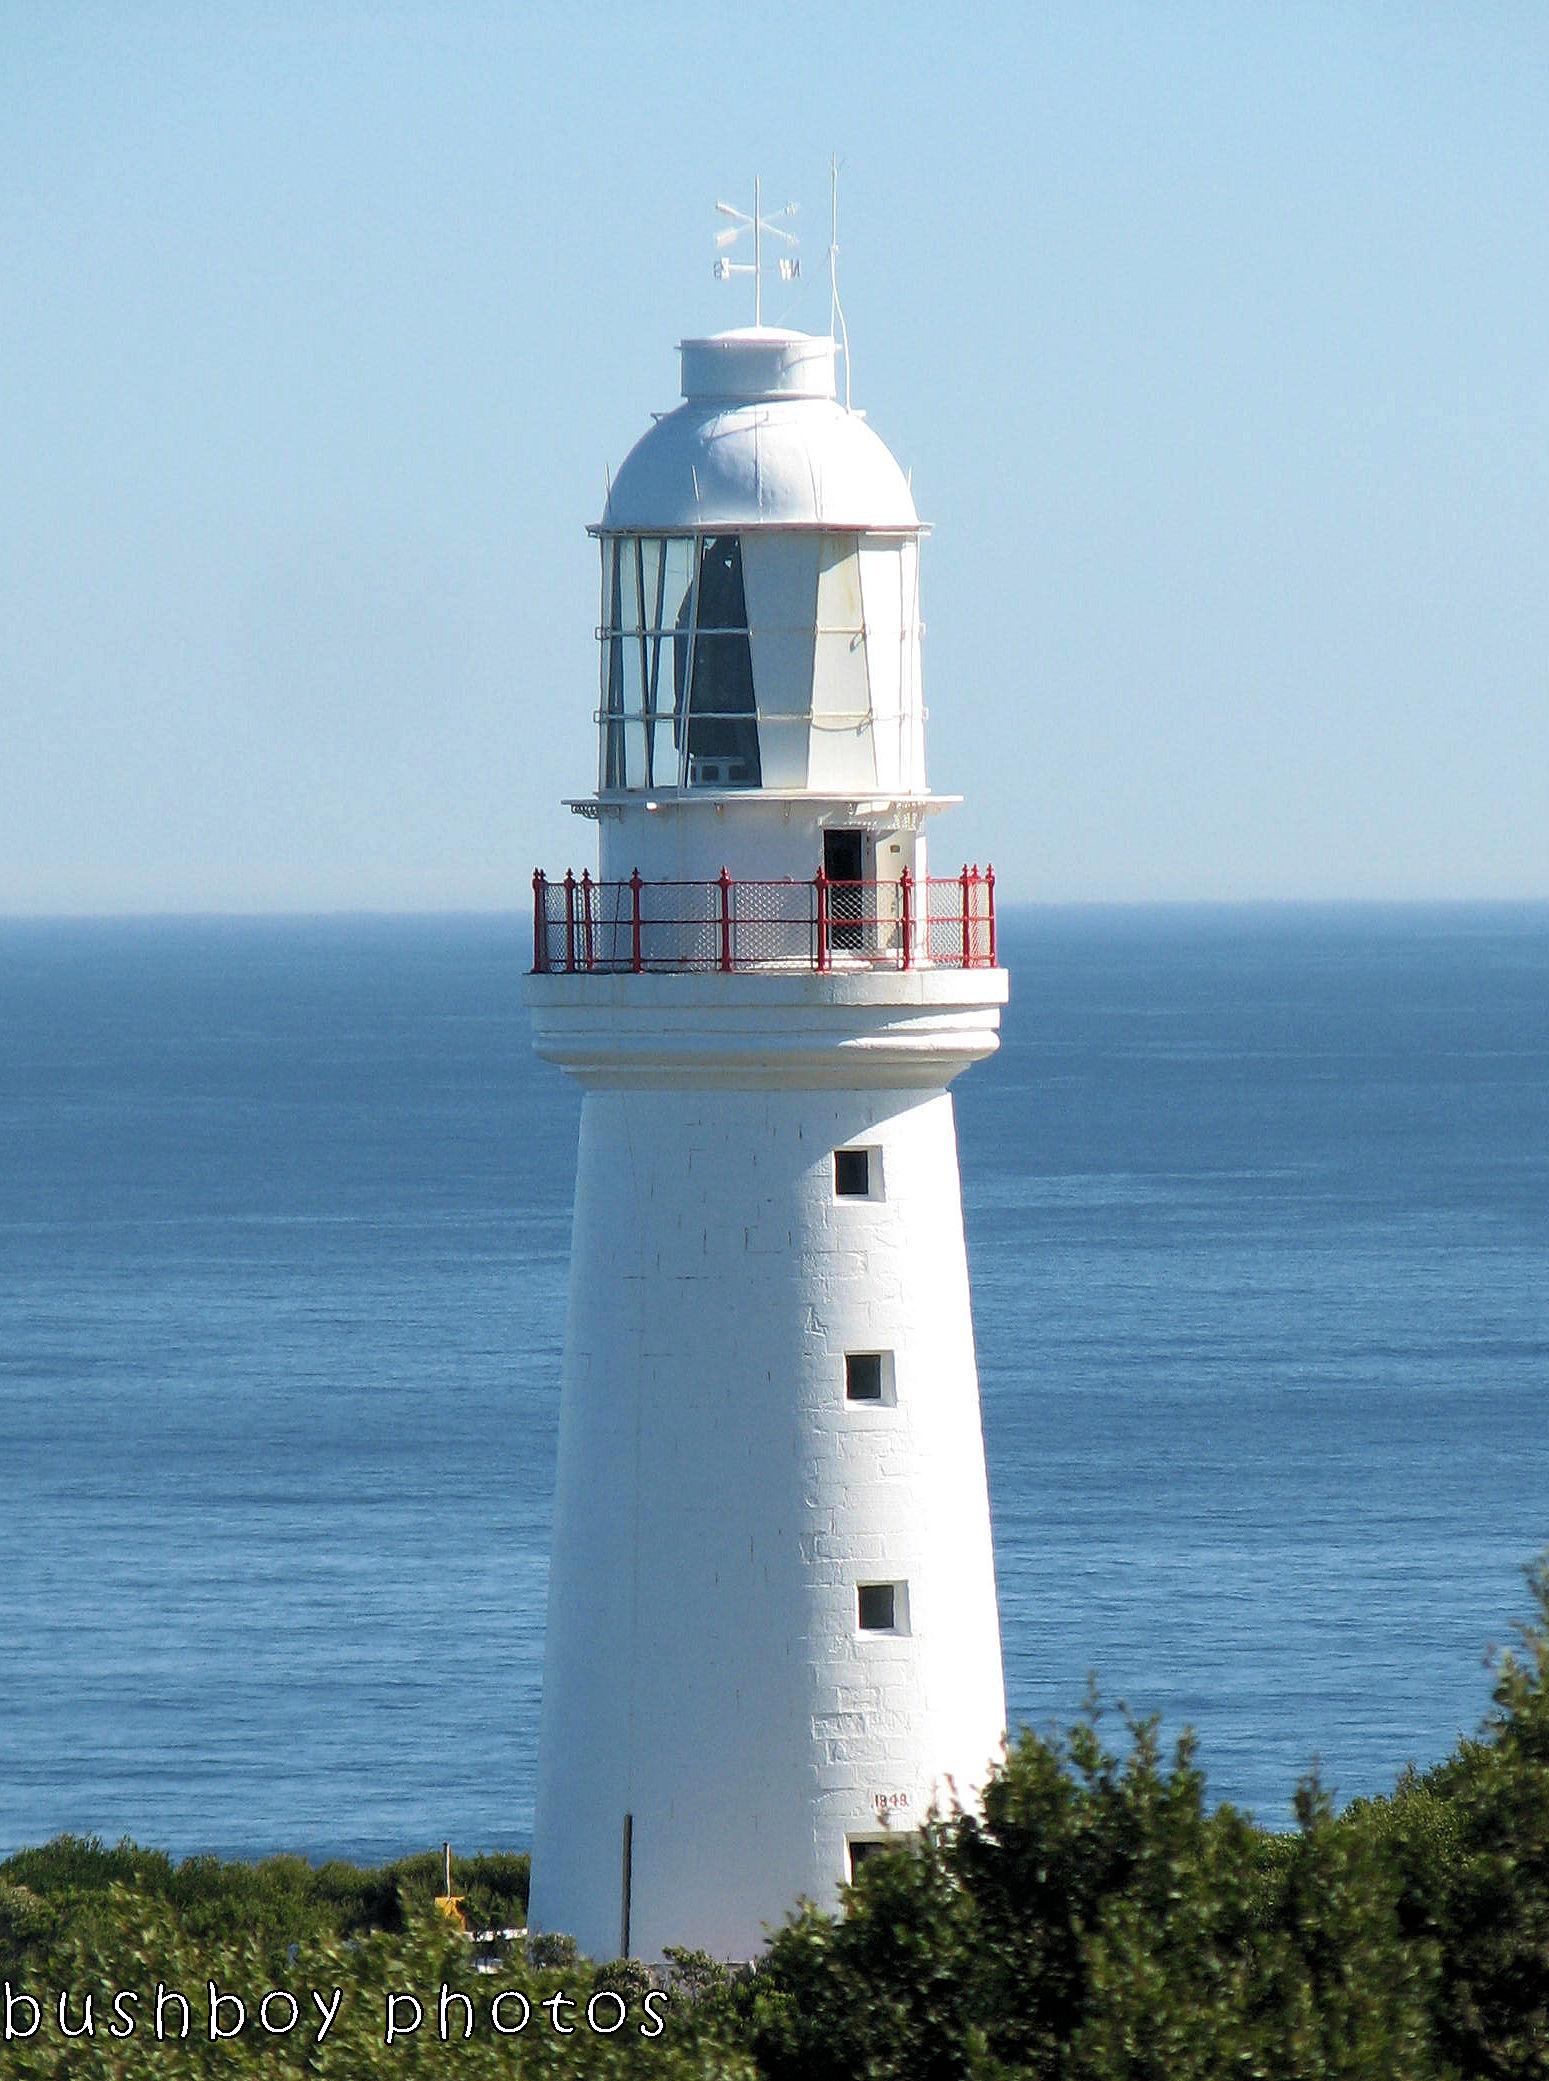 171019_blog challenge_brave_southern ocean03